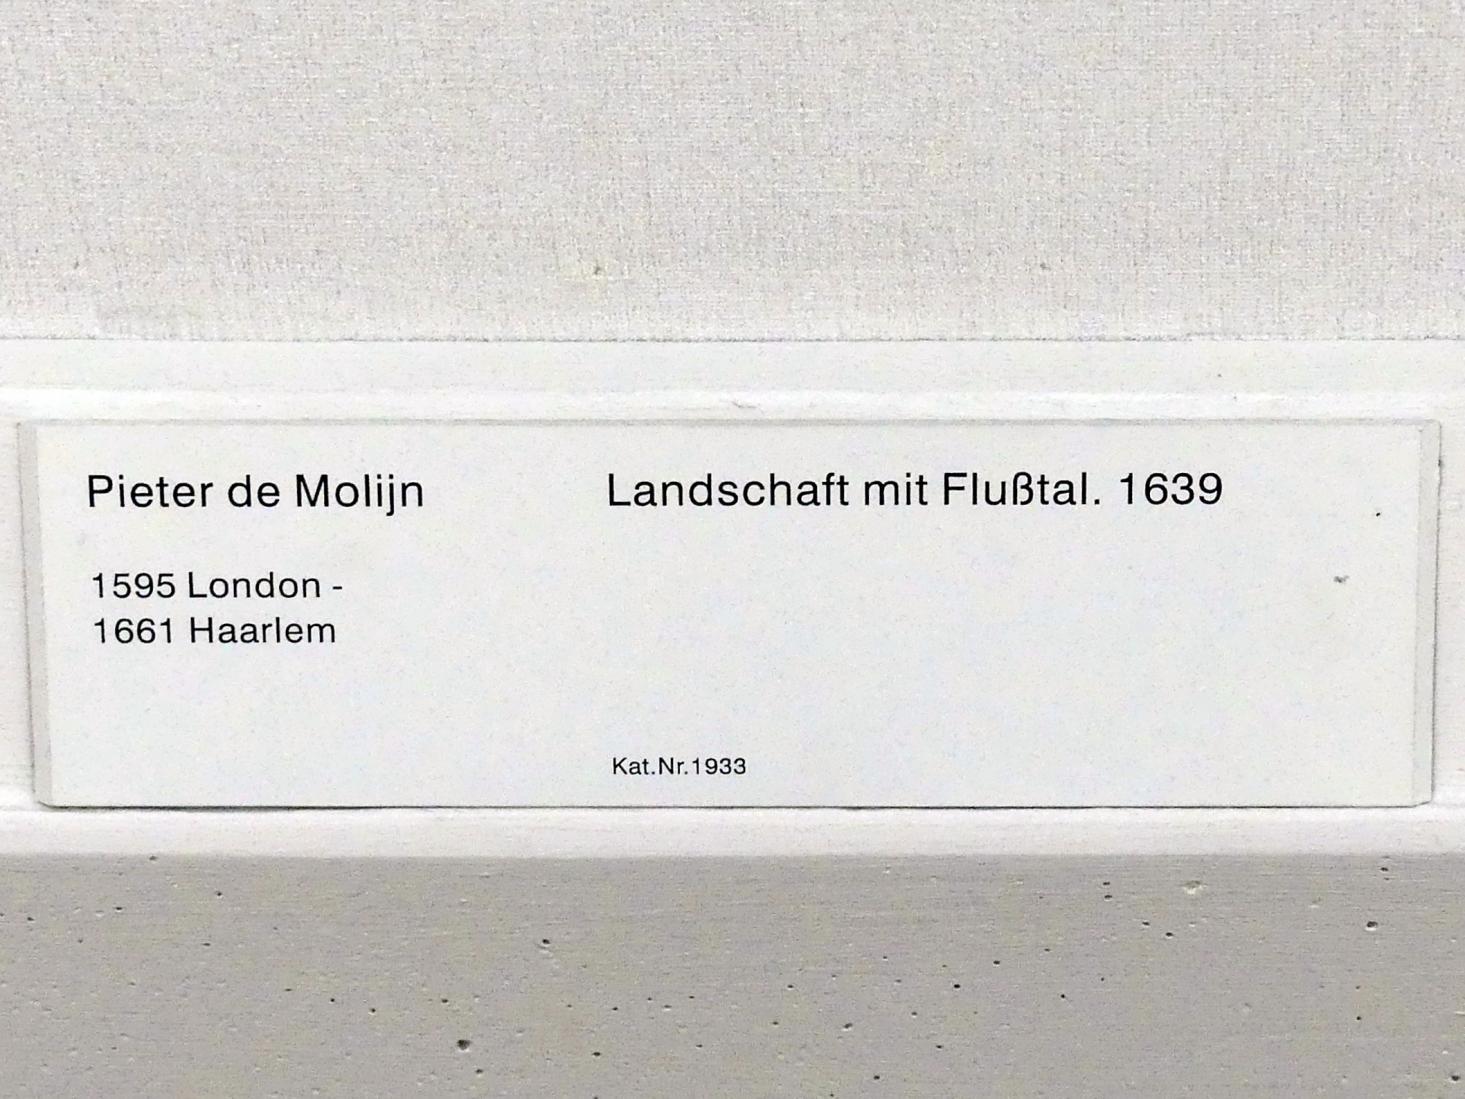 Pieter de Molijn: Landschaft mit Flußtal, 1639, Bild 2/2